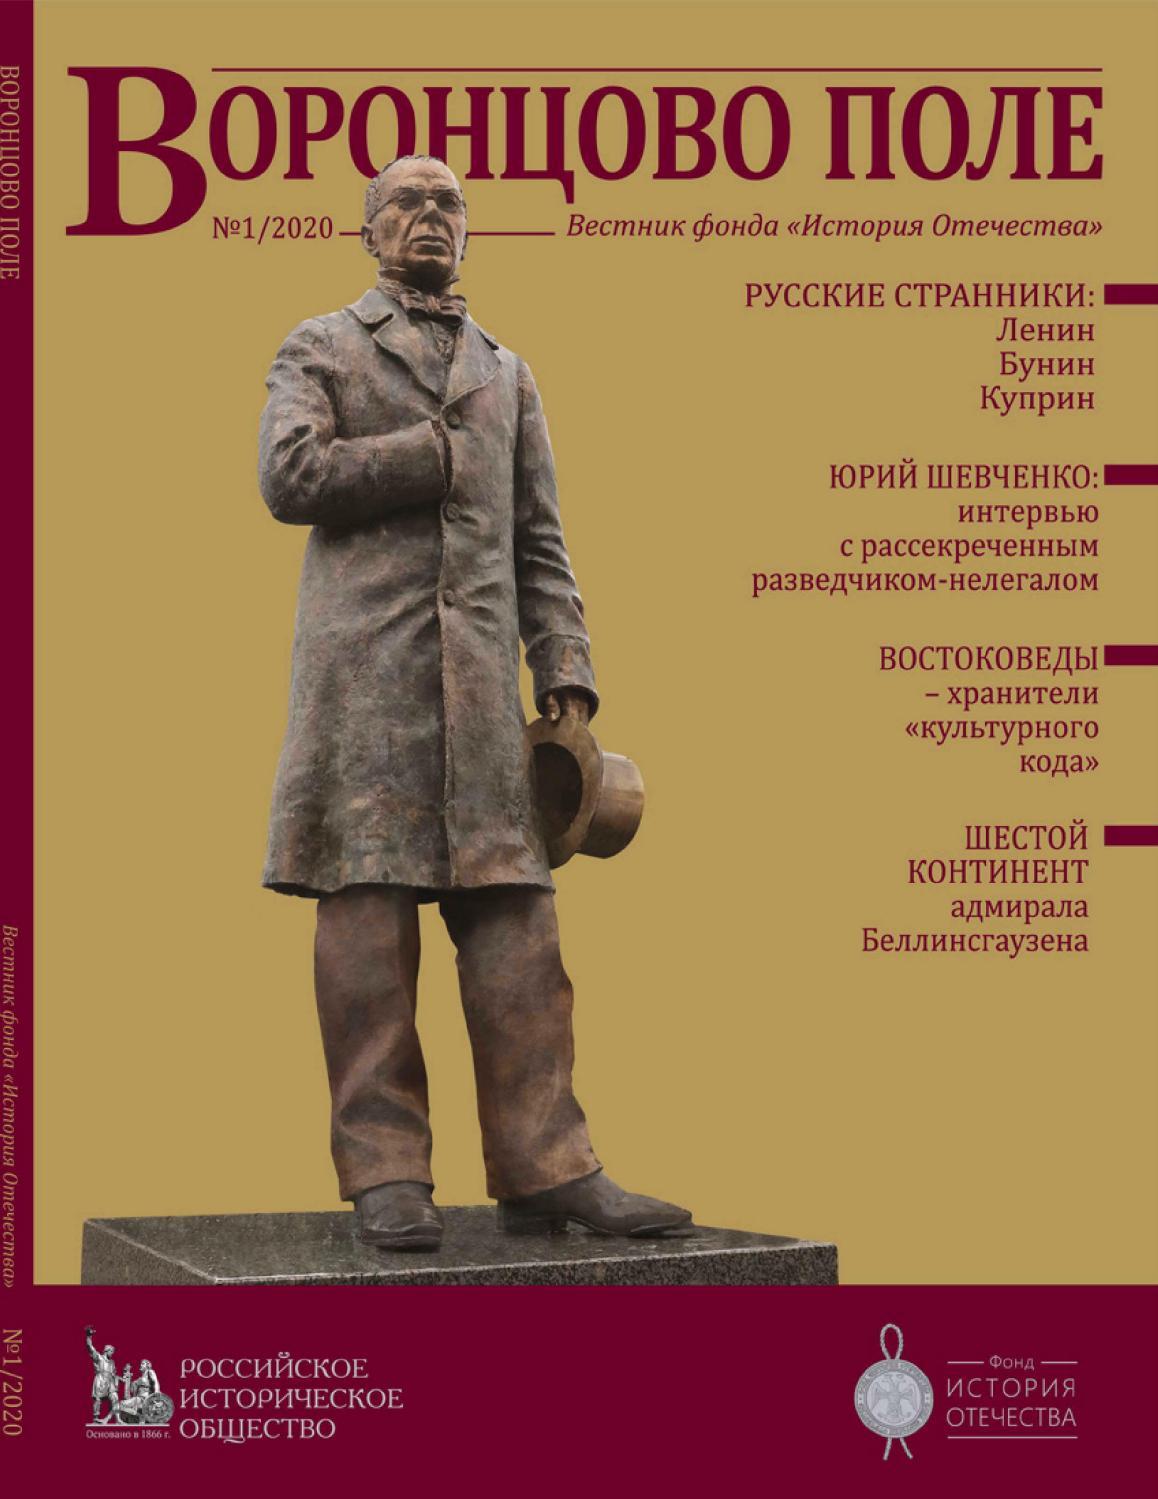 титулы в российской империи по порядку